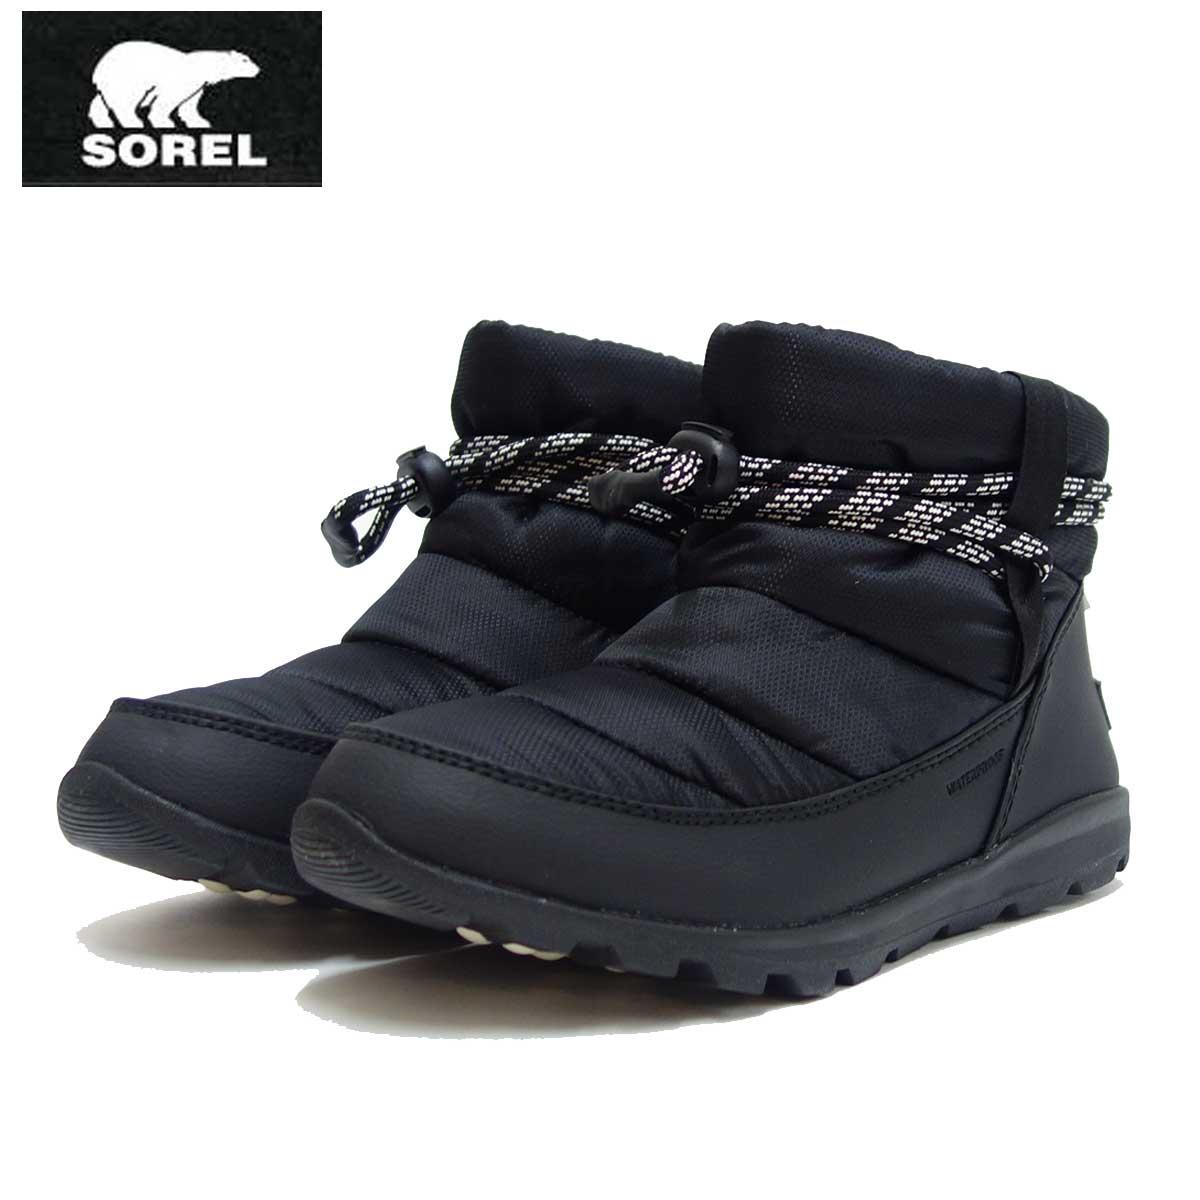 ソレル SOREL NL 3088(レディース) ウィットニーショート:ブラック (010) 保温性・撥水性抜群の快適ウィンターブーツ 「靴」